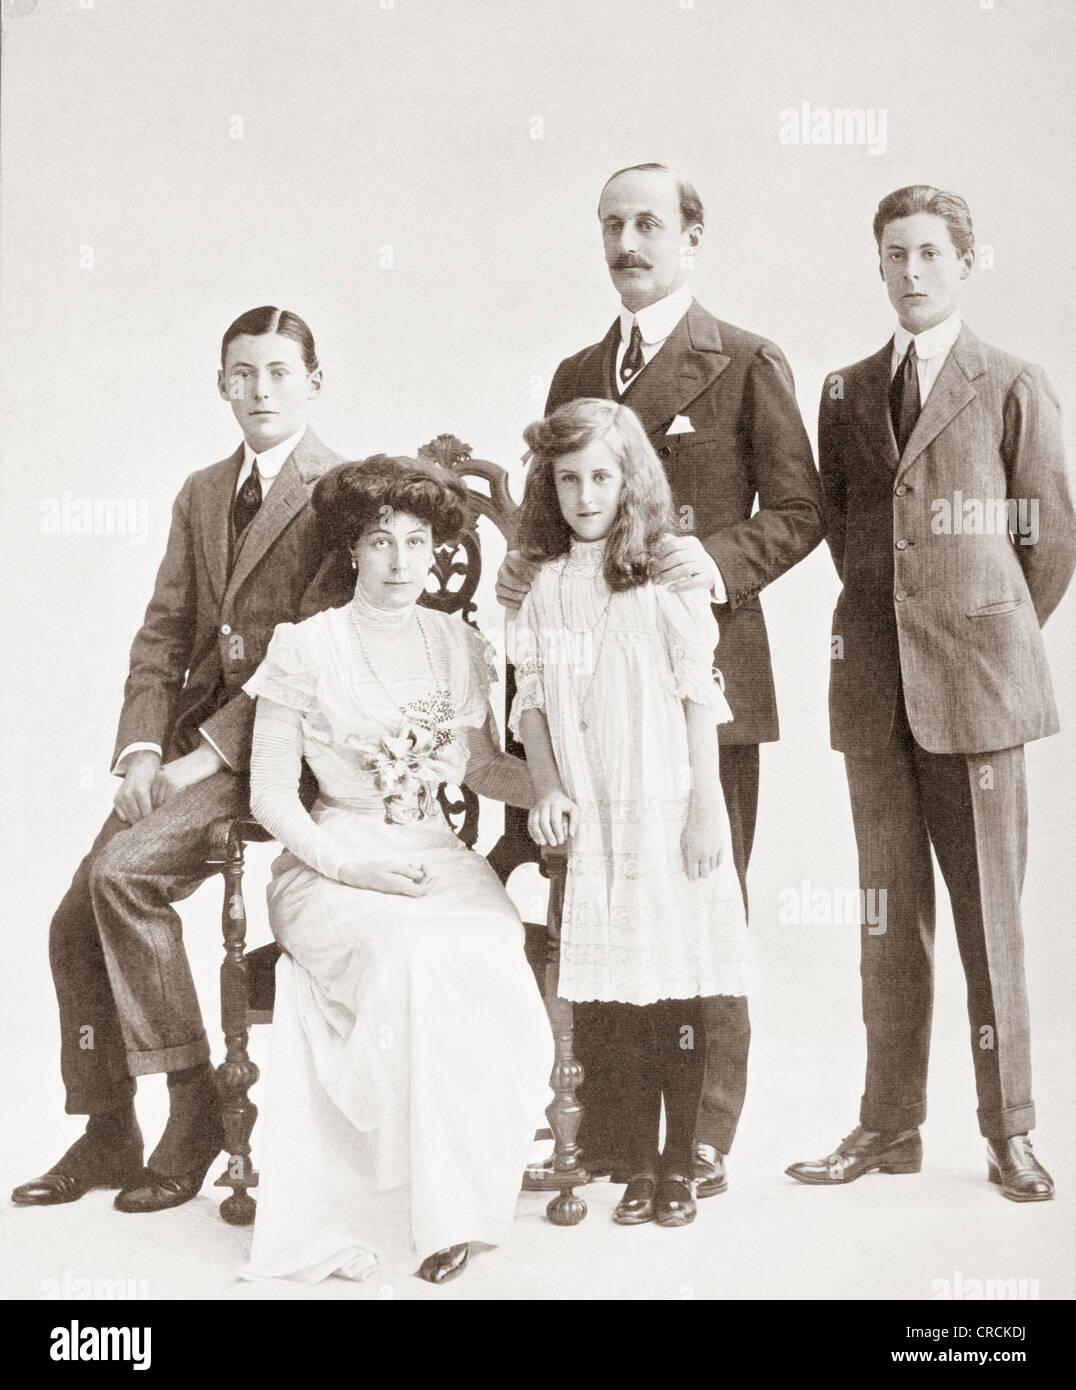 Charles Hardinge, 1st Baron Hardinge of Penshurst, 1858 – 1944. British diplomat, with wife and family. - Stock Image